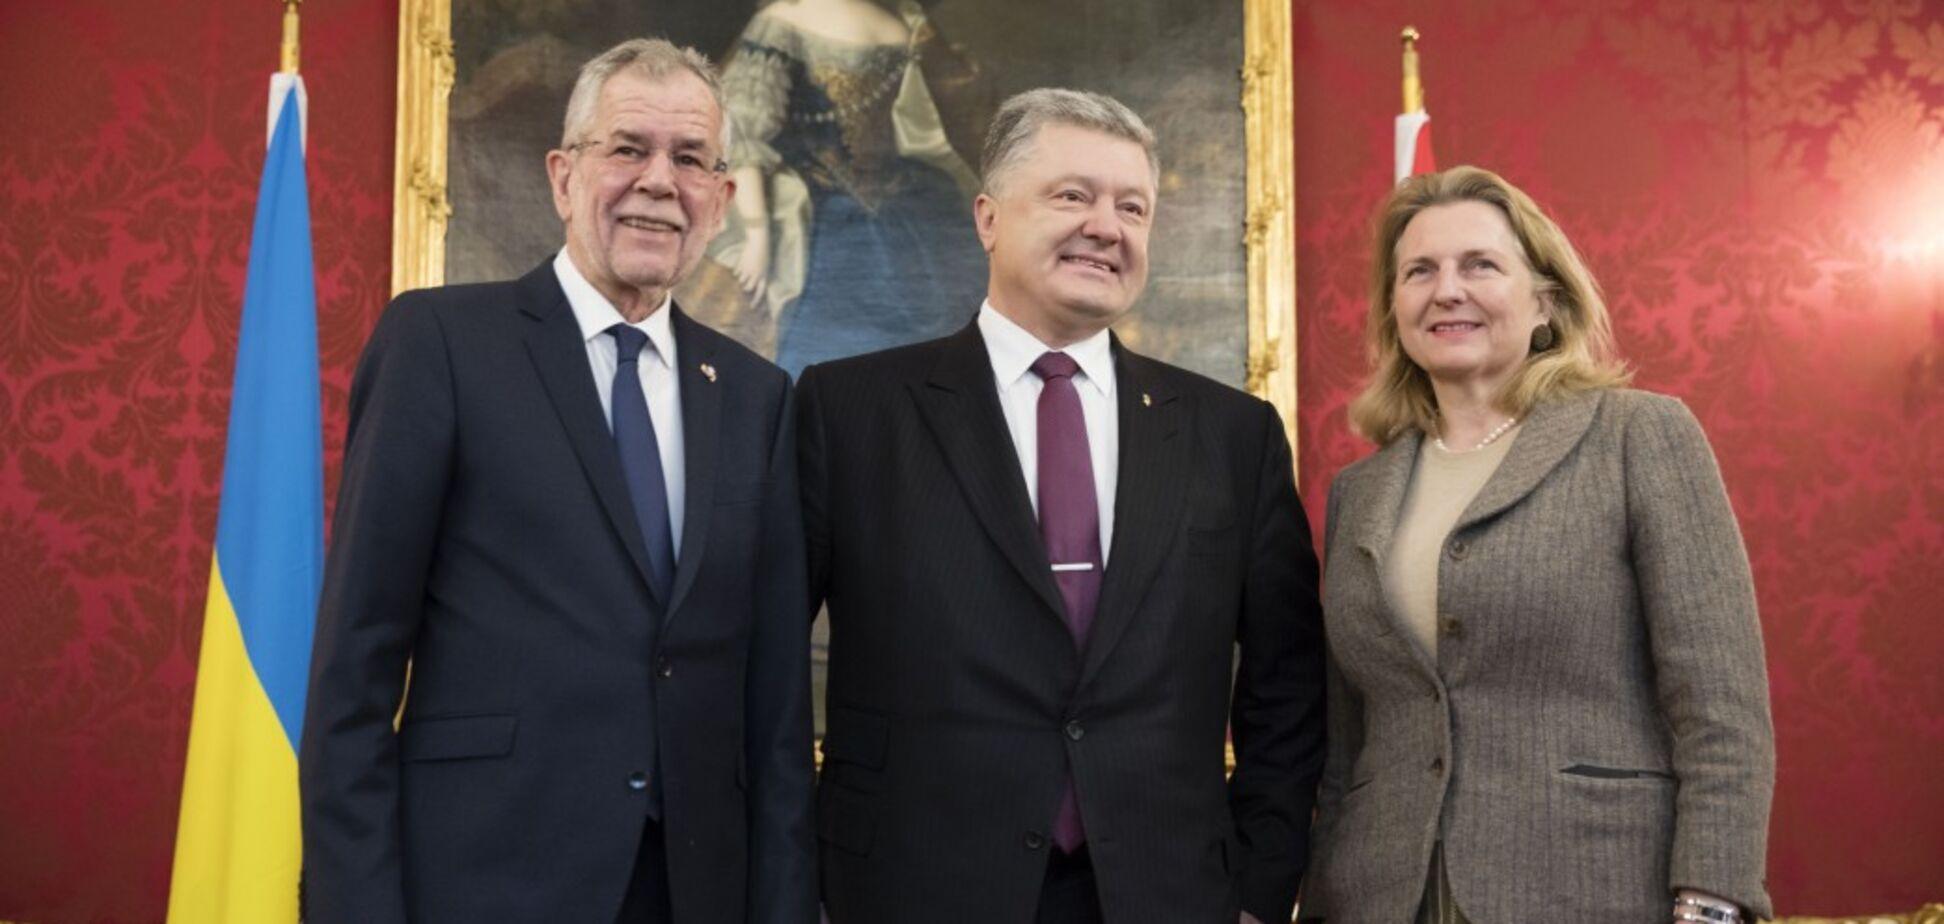 'Тепер я трохи українець': президент Австрії зробив зізнання